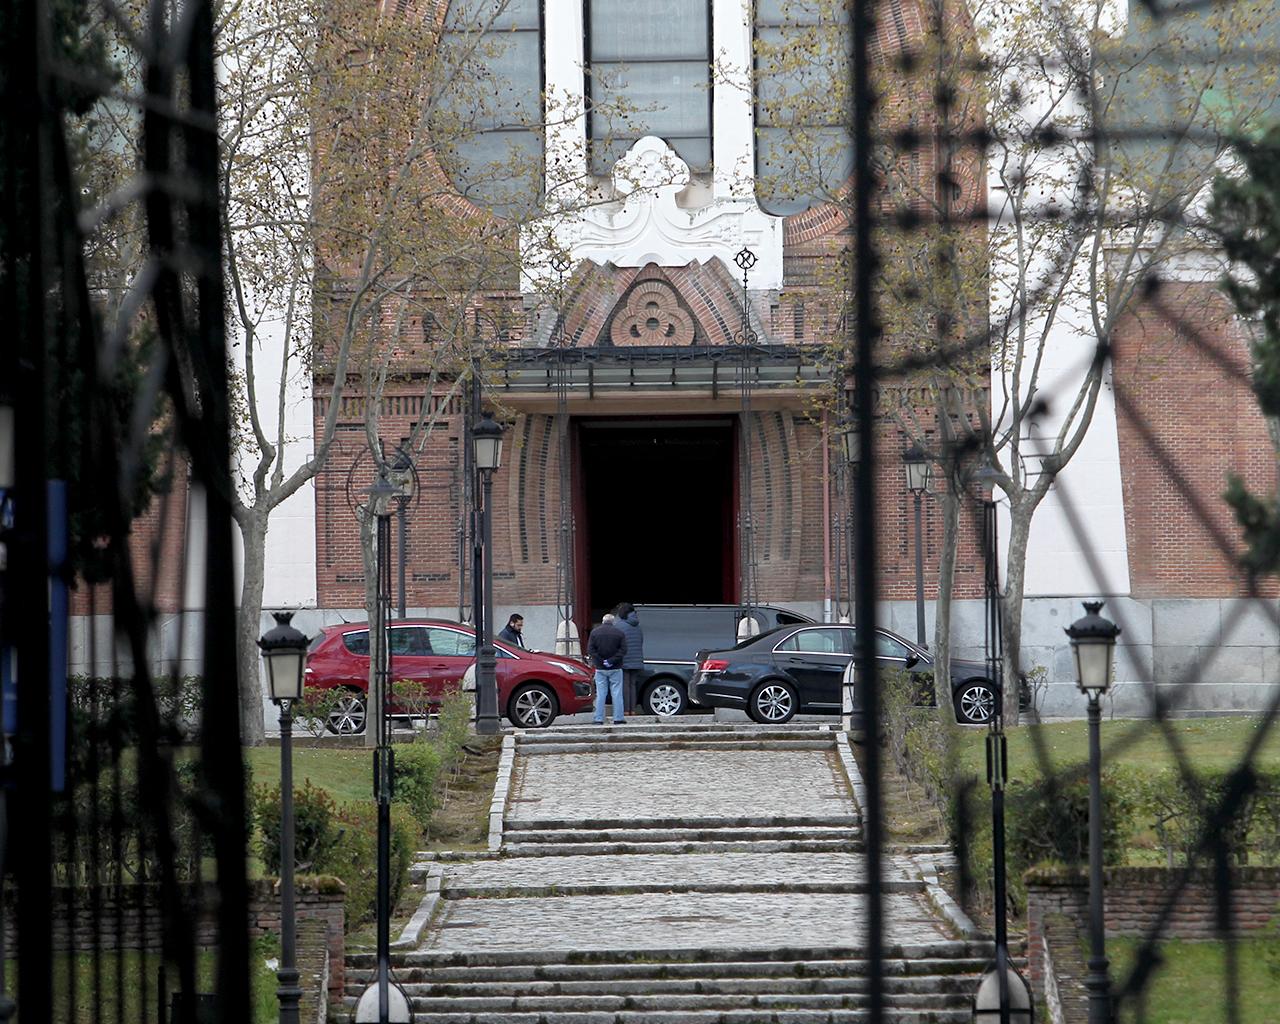 Responso previo a un entierro en el cementerio de La Almudena. Madrid. 23/03/2020.